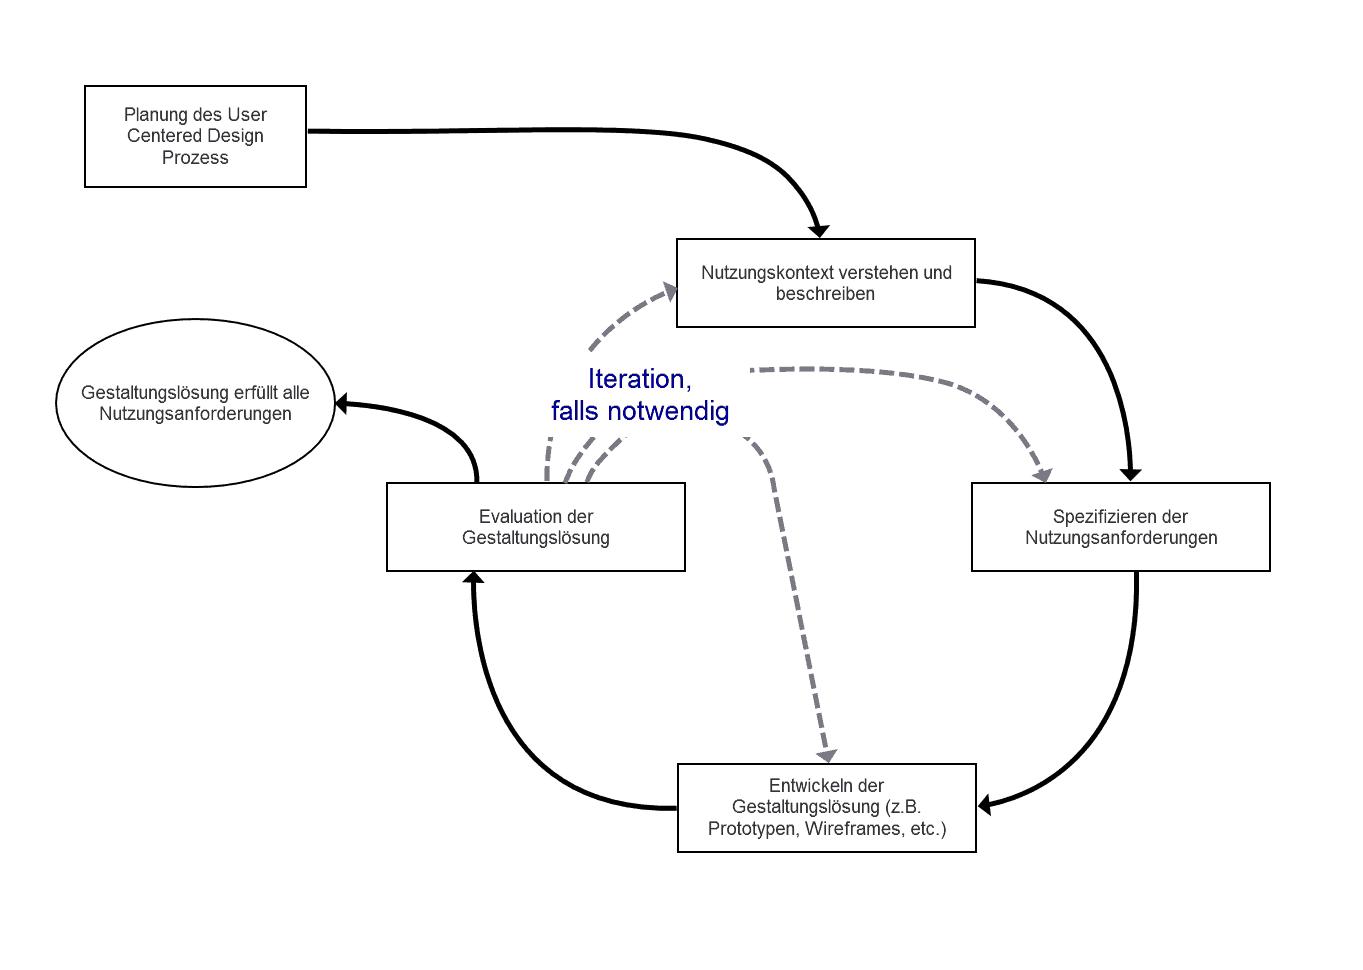 Die Abbildung zeigt den User Centered Design Prozess, wie dieser auch in der ISO Norm 9241 beschrieben ist.